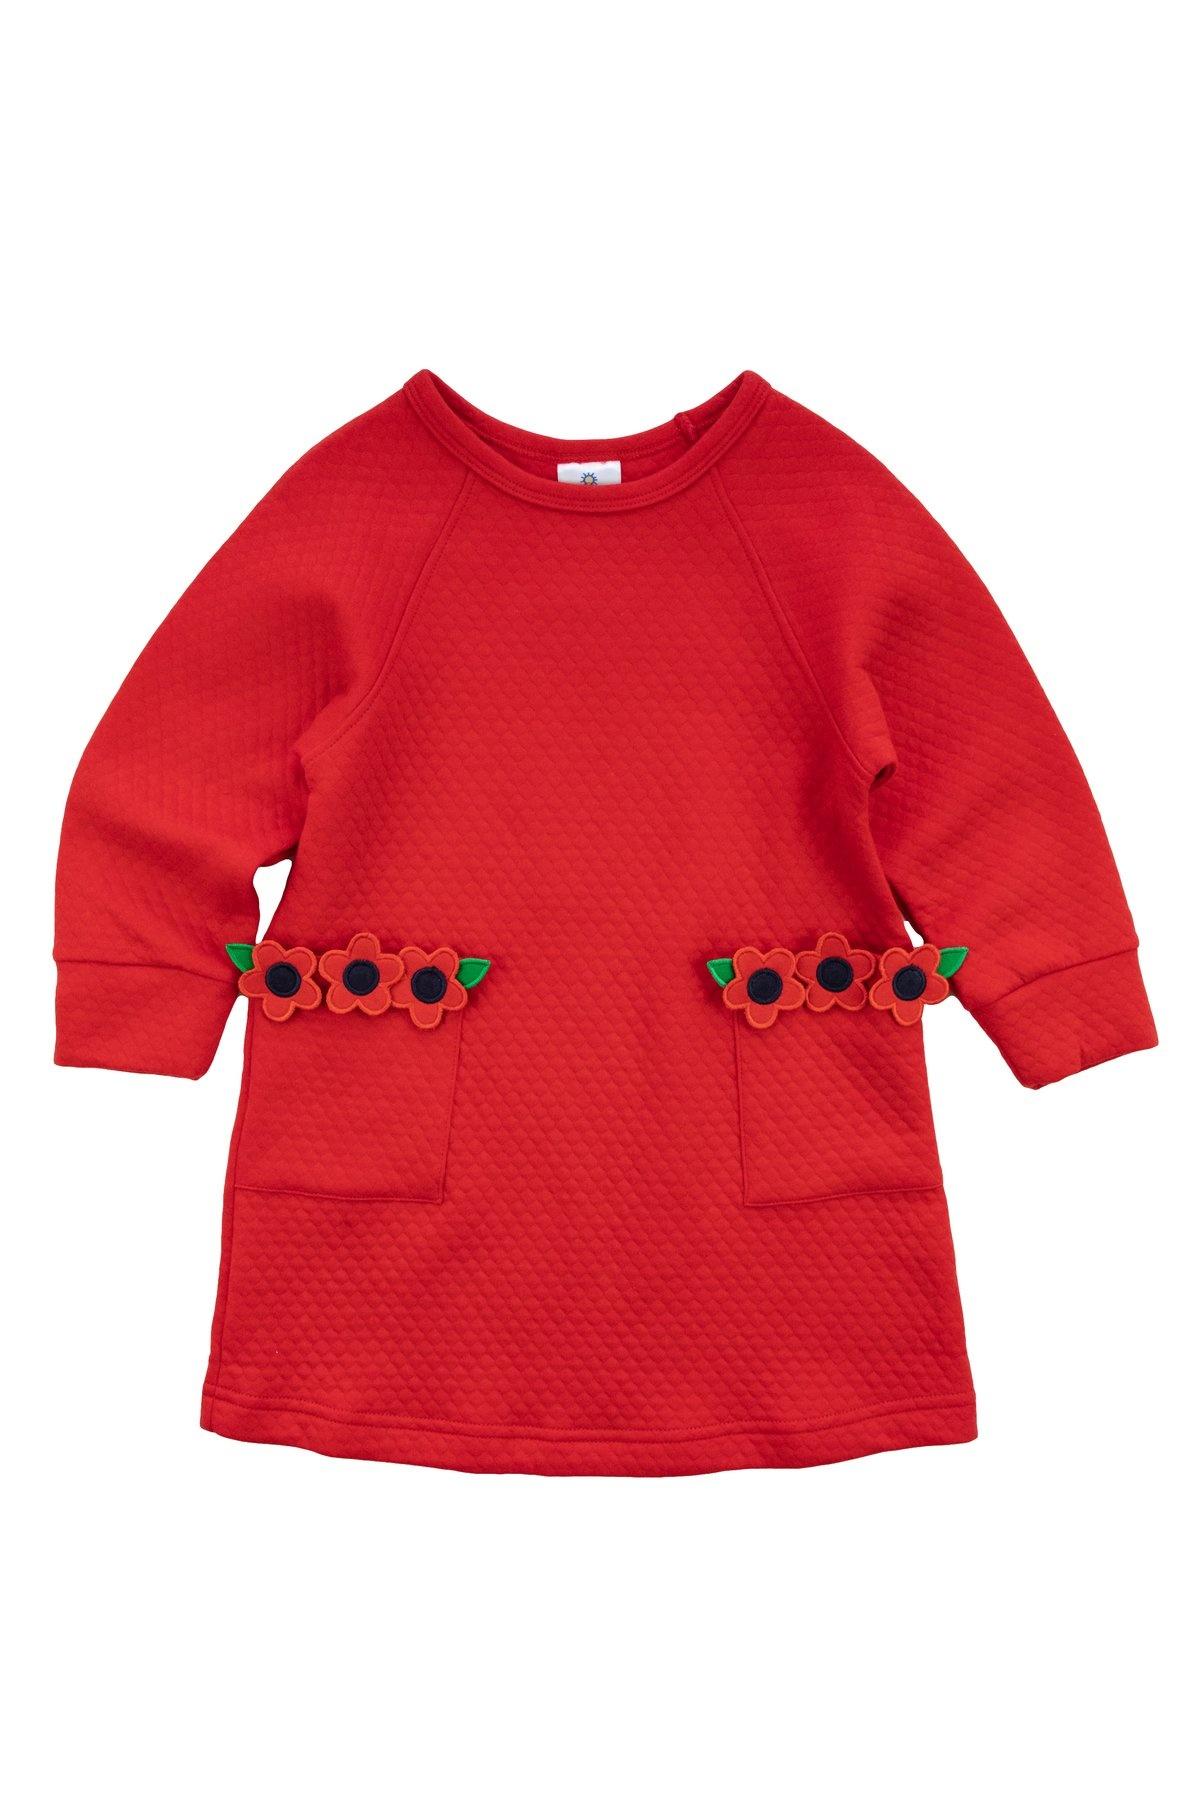 Florence Eiseman Red Jacquard Dress